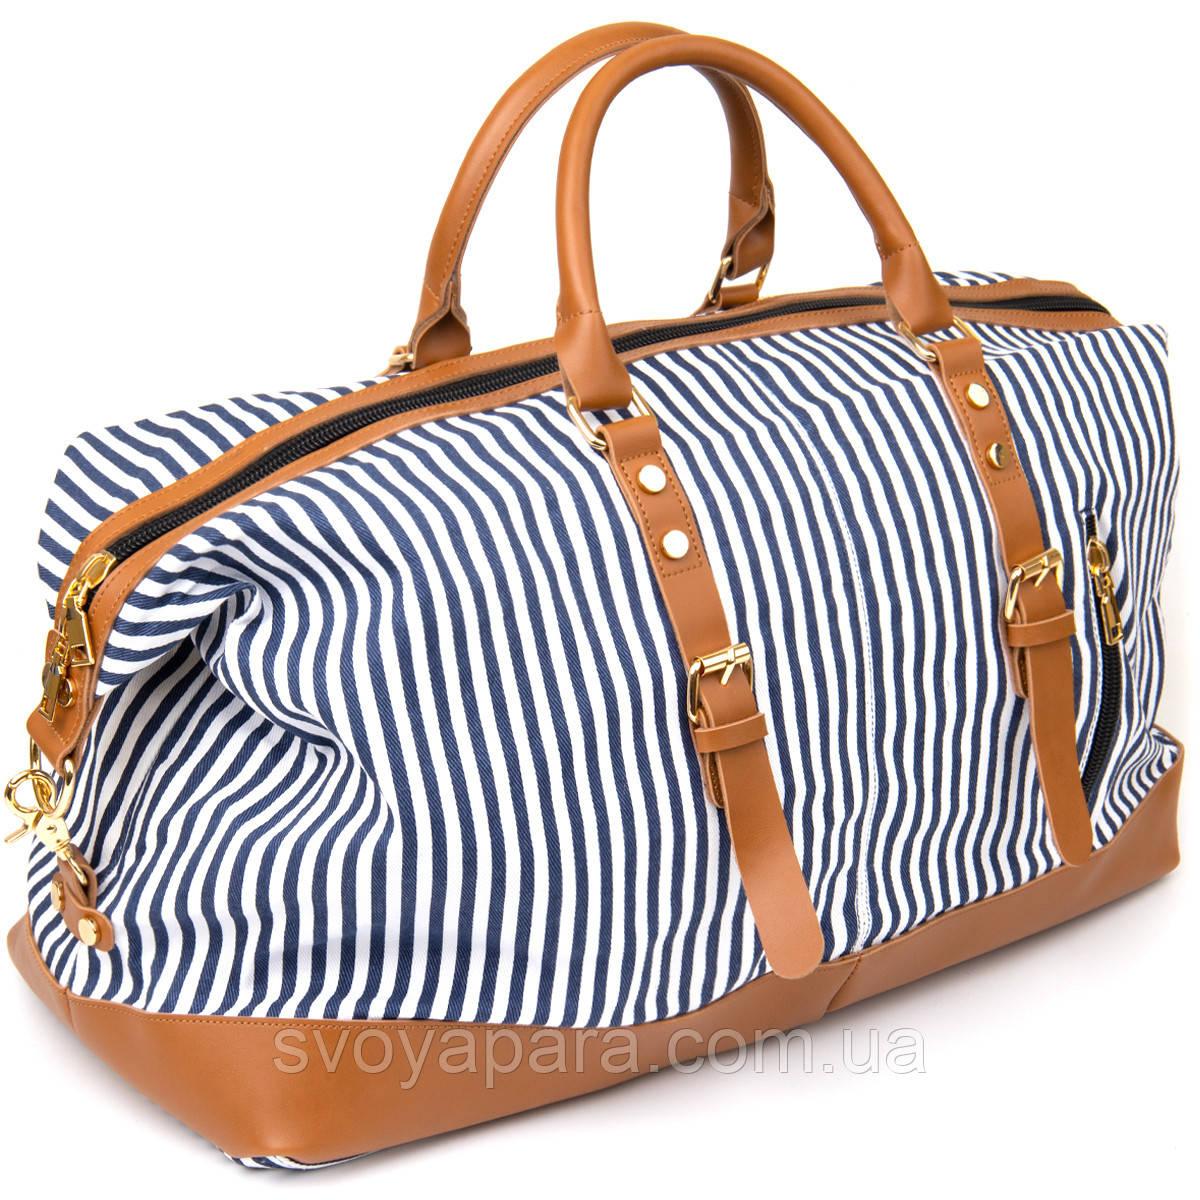 Дорожня сумка жіноча текстильна в смужку Vintage 20667 Біла